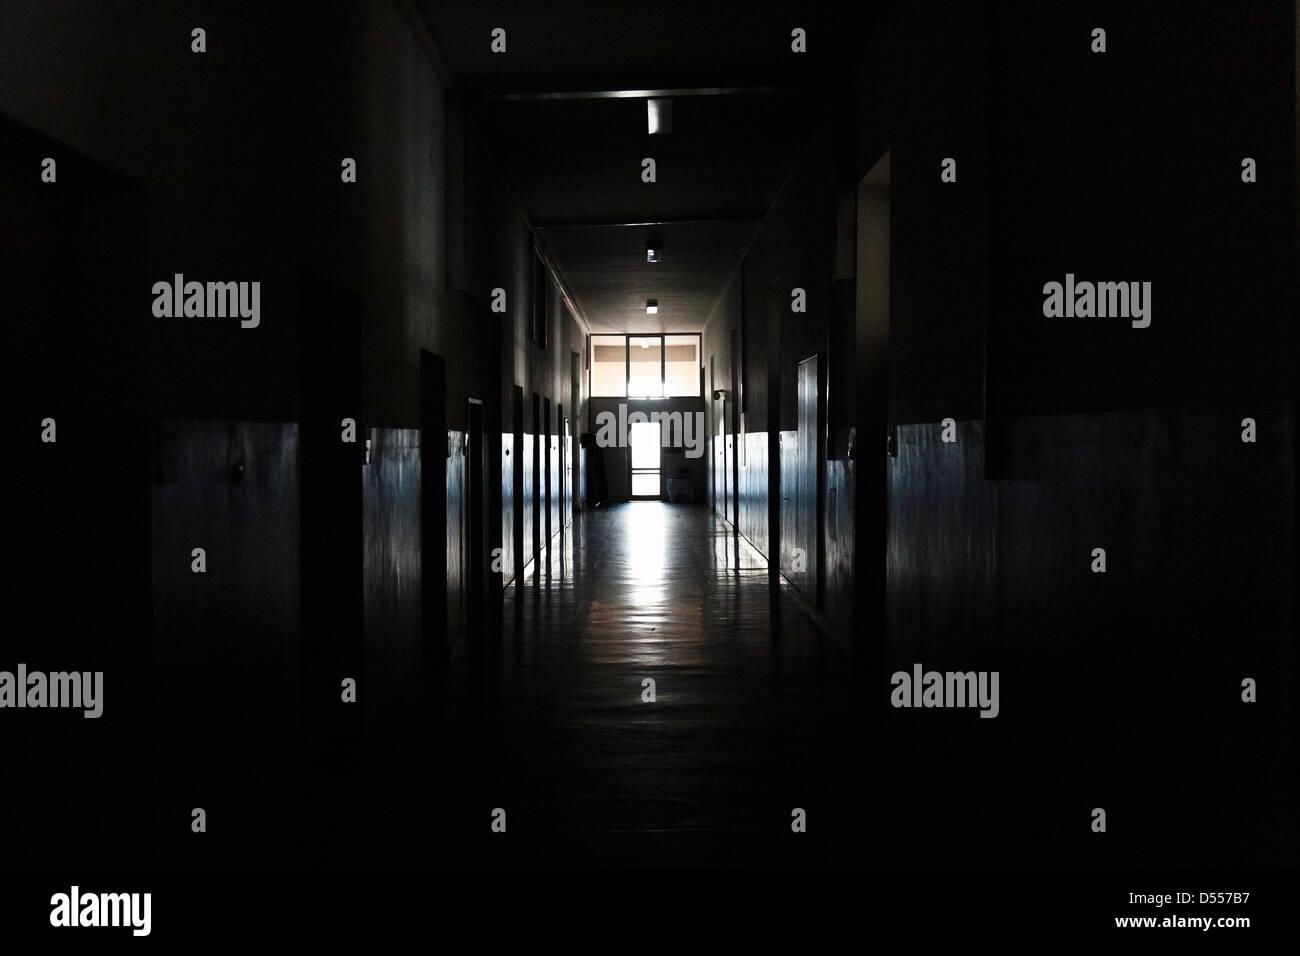 Light Shining From Door In Dark Hallway   Stock Image